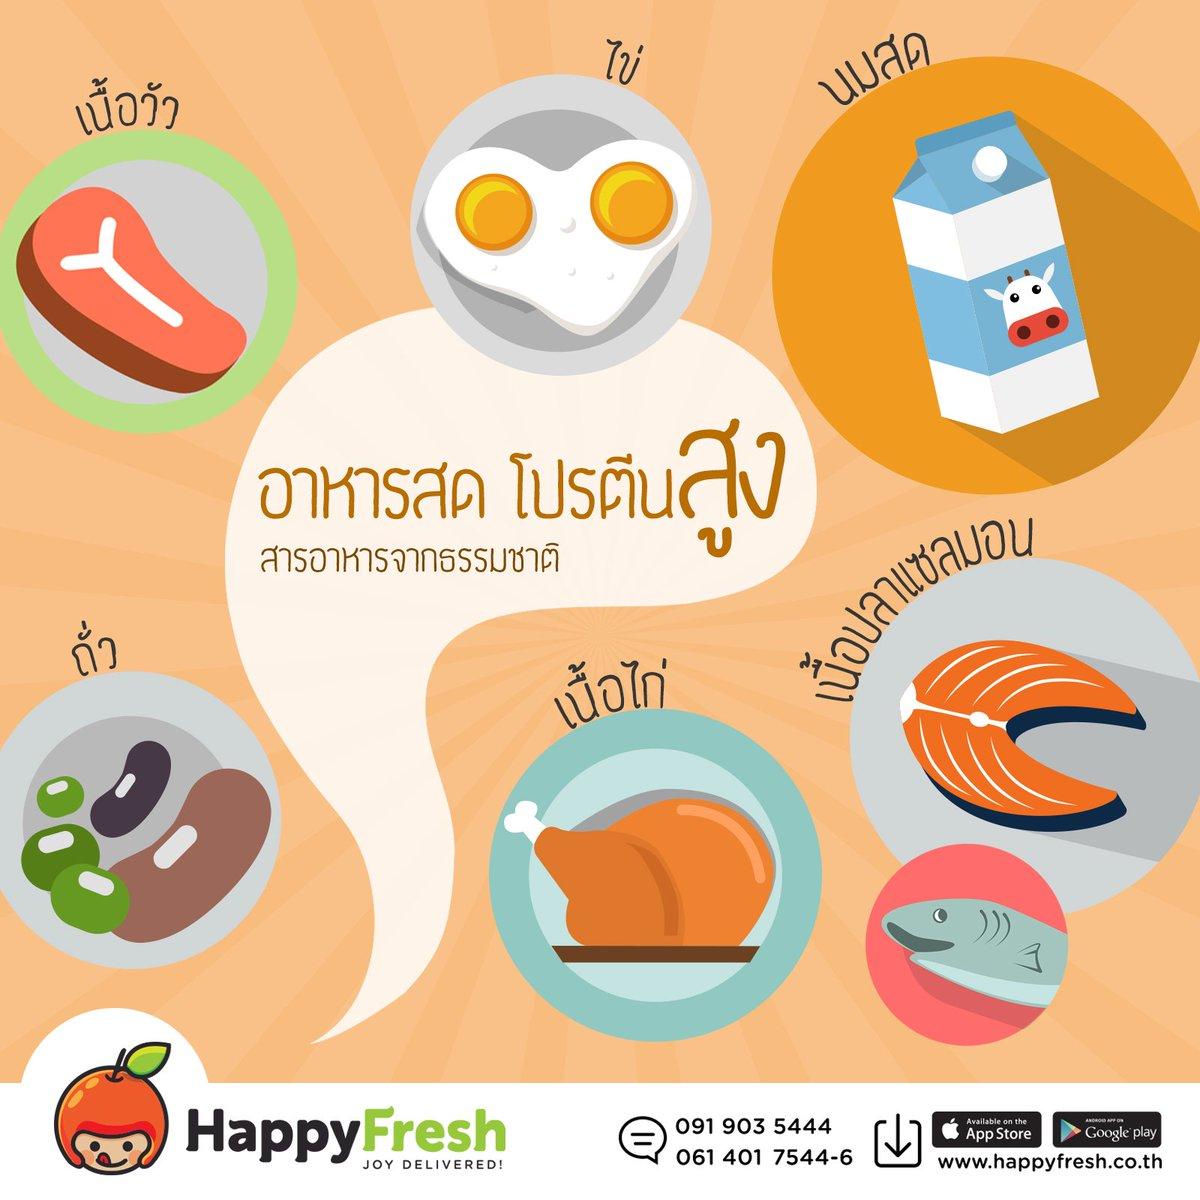 วันนี้ #HappyFresh มีเมนูอาหารที่โปรตีนสูงและหาซื้อง่ายมาฝากค่า #Whey #Cleanfood #Healthy #โปรตีน #อาหารคลีน https://t.co/Qu9zA7IbKp